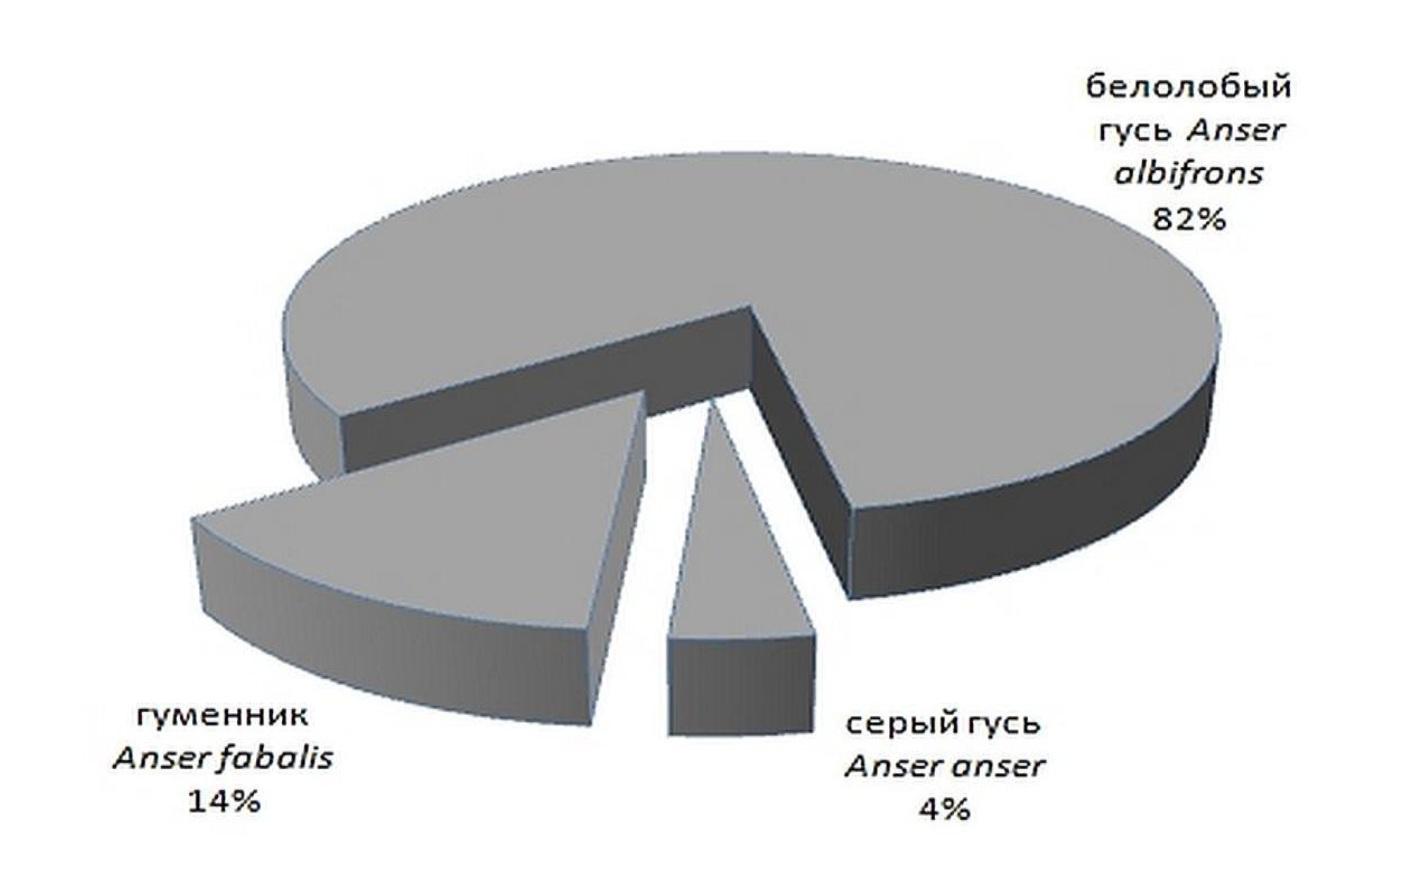 Рисунок 2 — Соотношение различных видов гусей на примере весенней миграции 2013 г., точка наблюдений «Туровский луг»